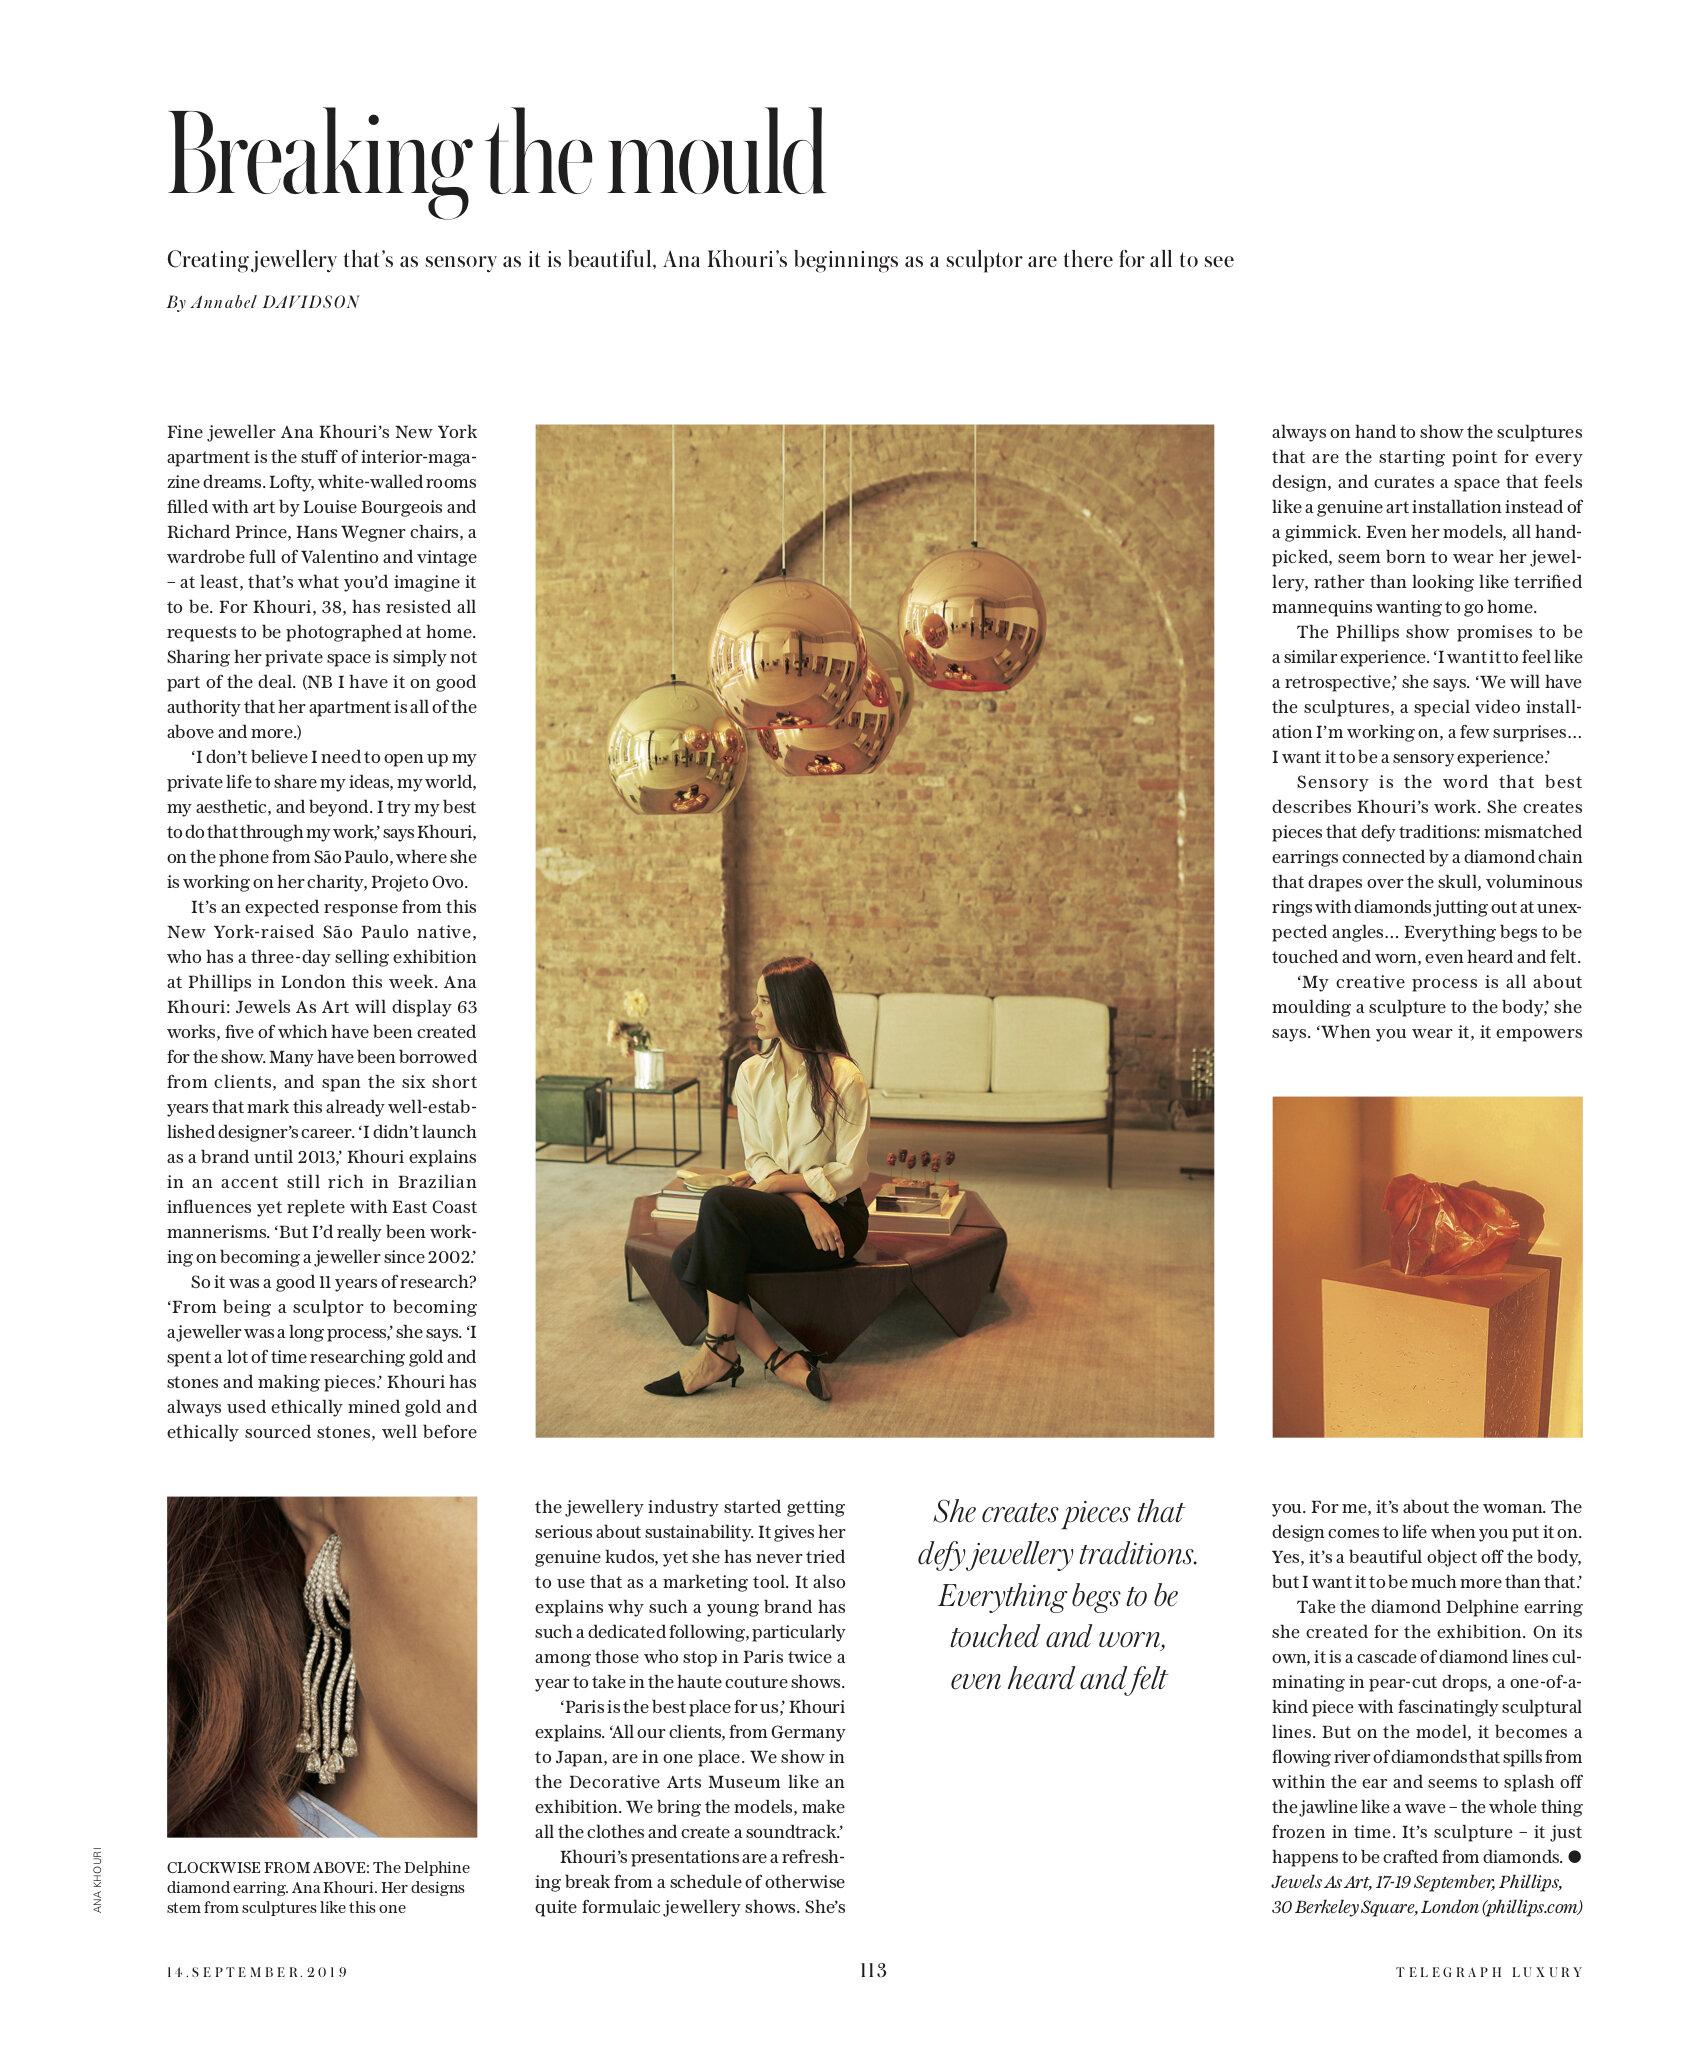 Telegraph Magazine Luxury Issue Phillips Exhibition.jpg